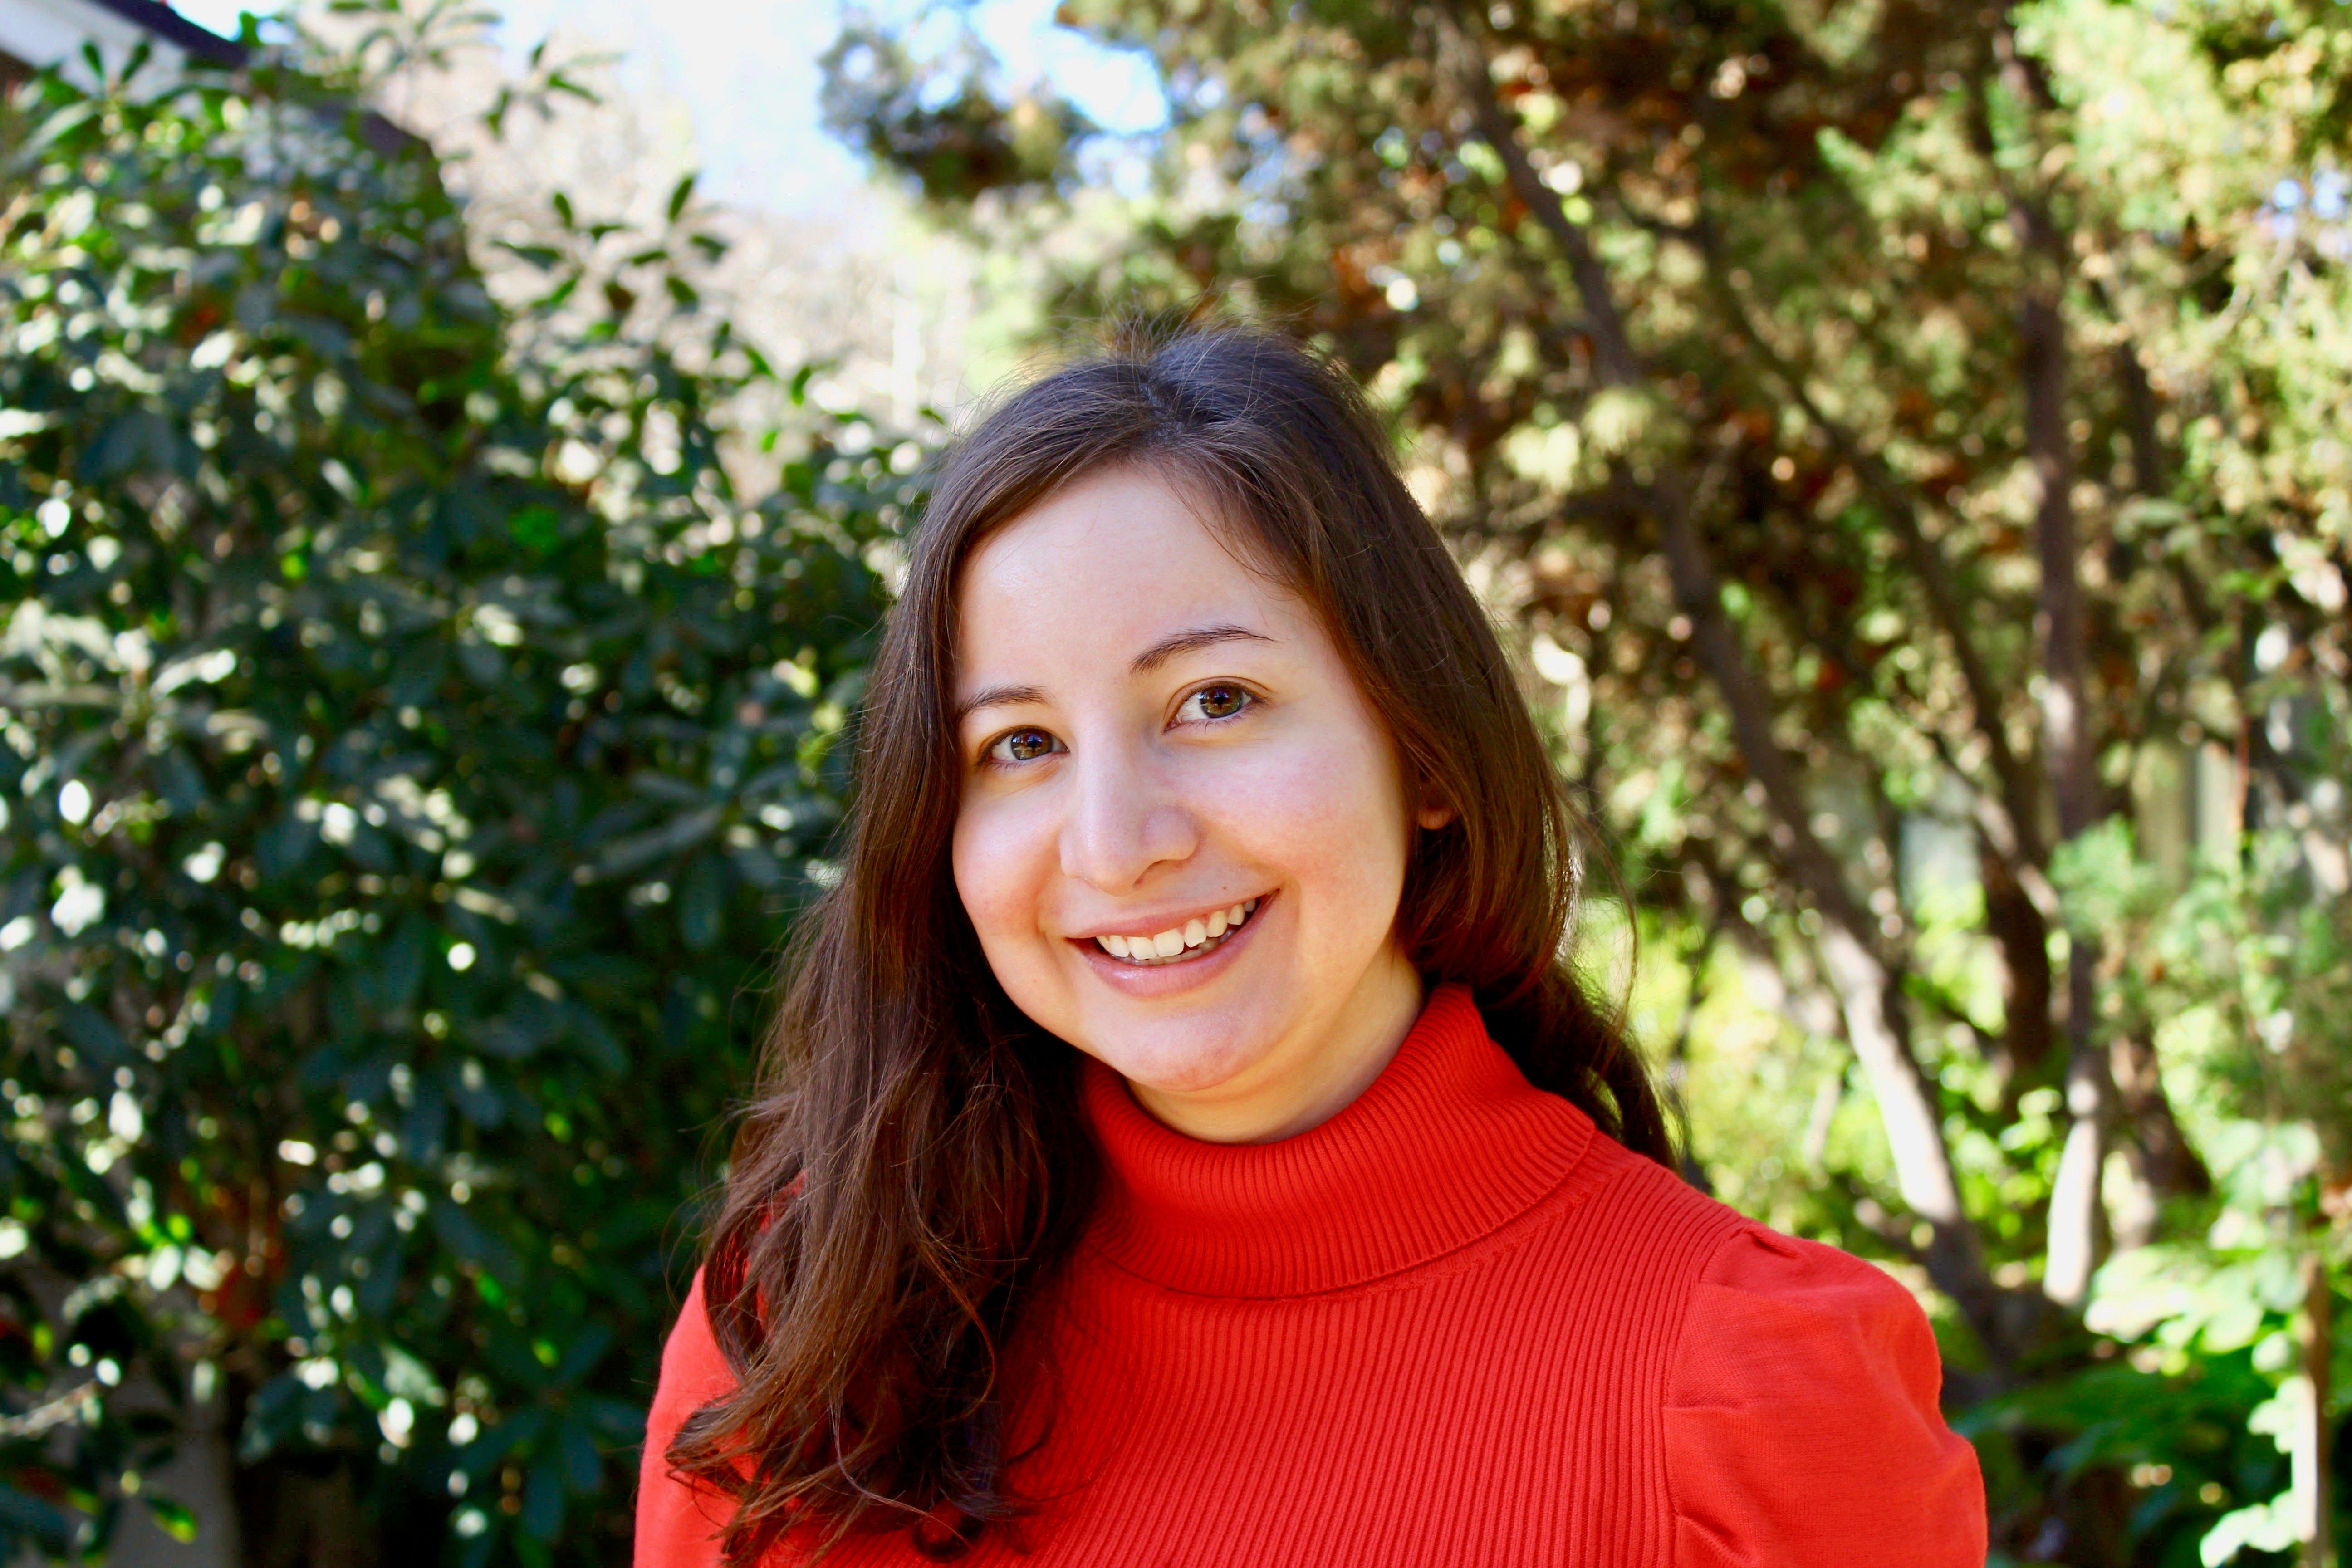 Tania Maradiaga